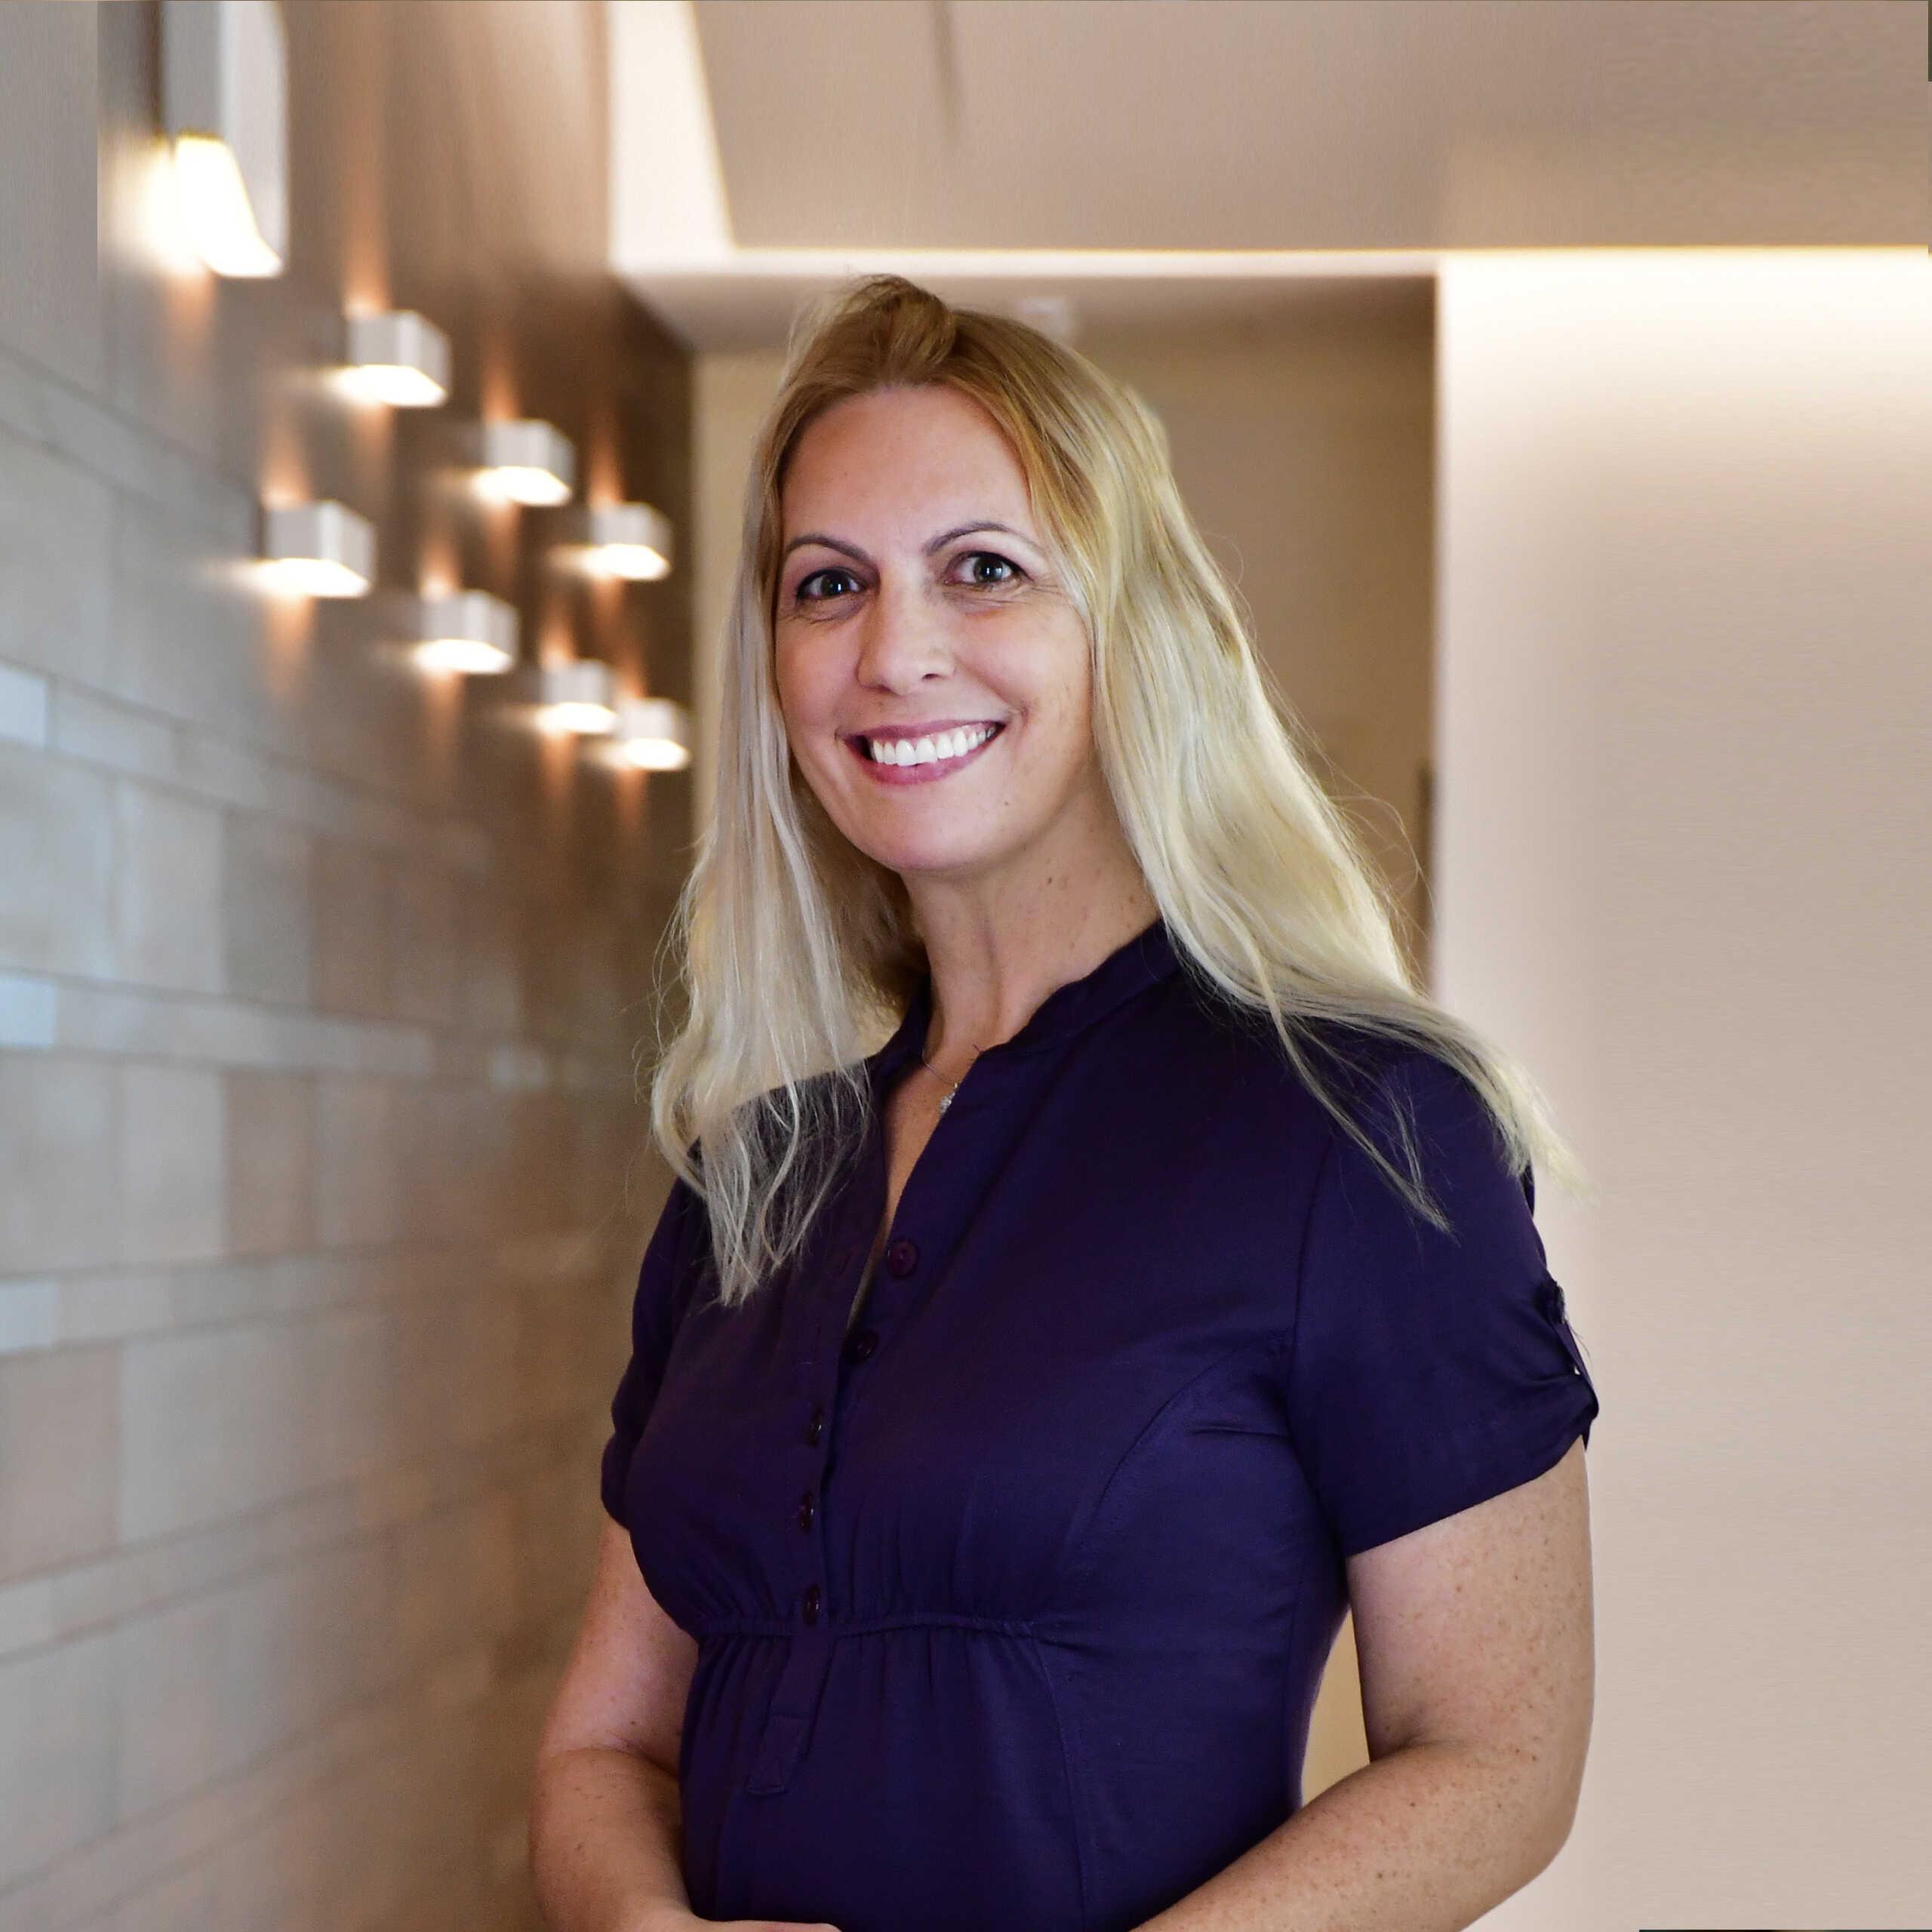 איילת גרינברג, מנהלת תוכן